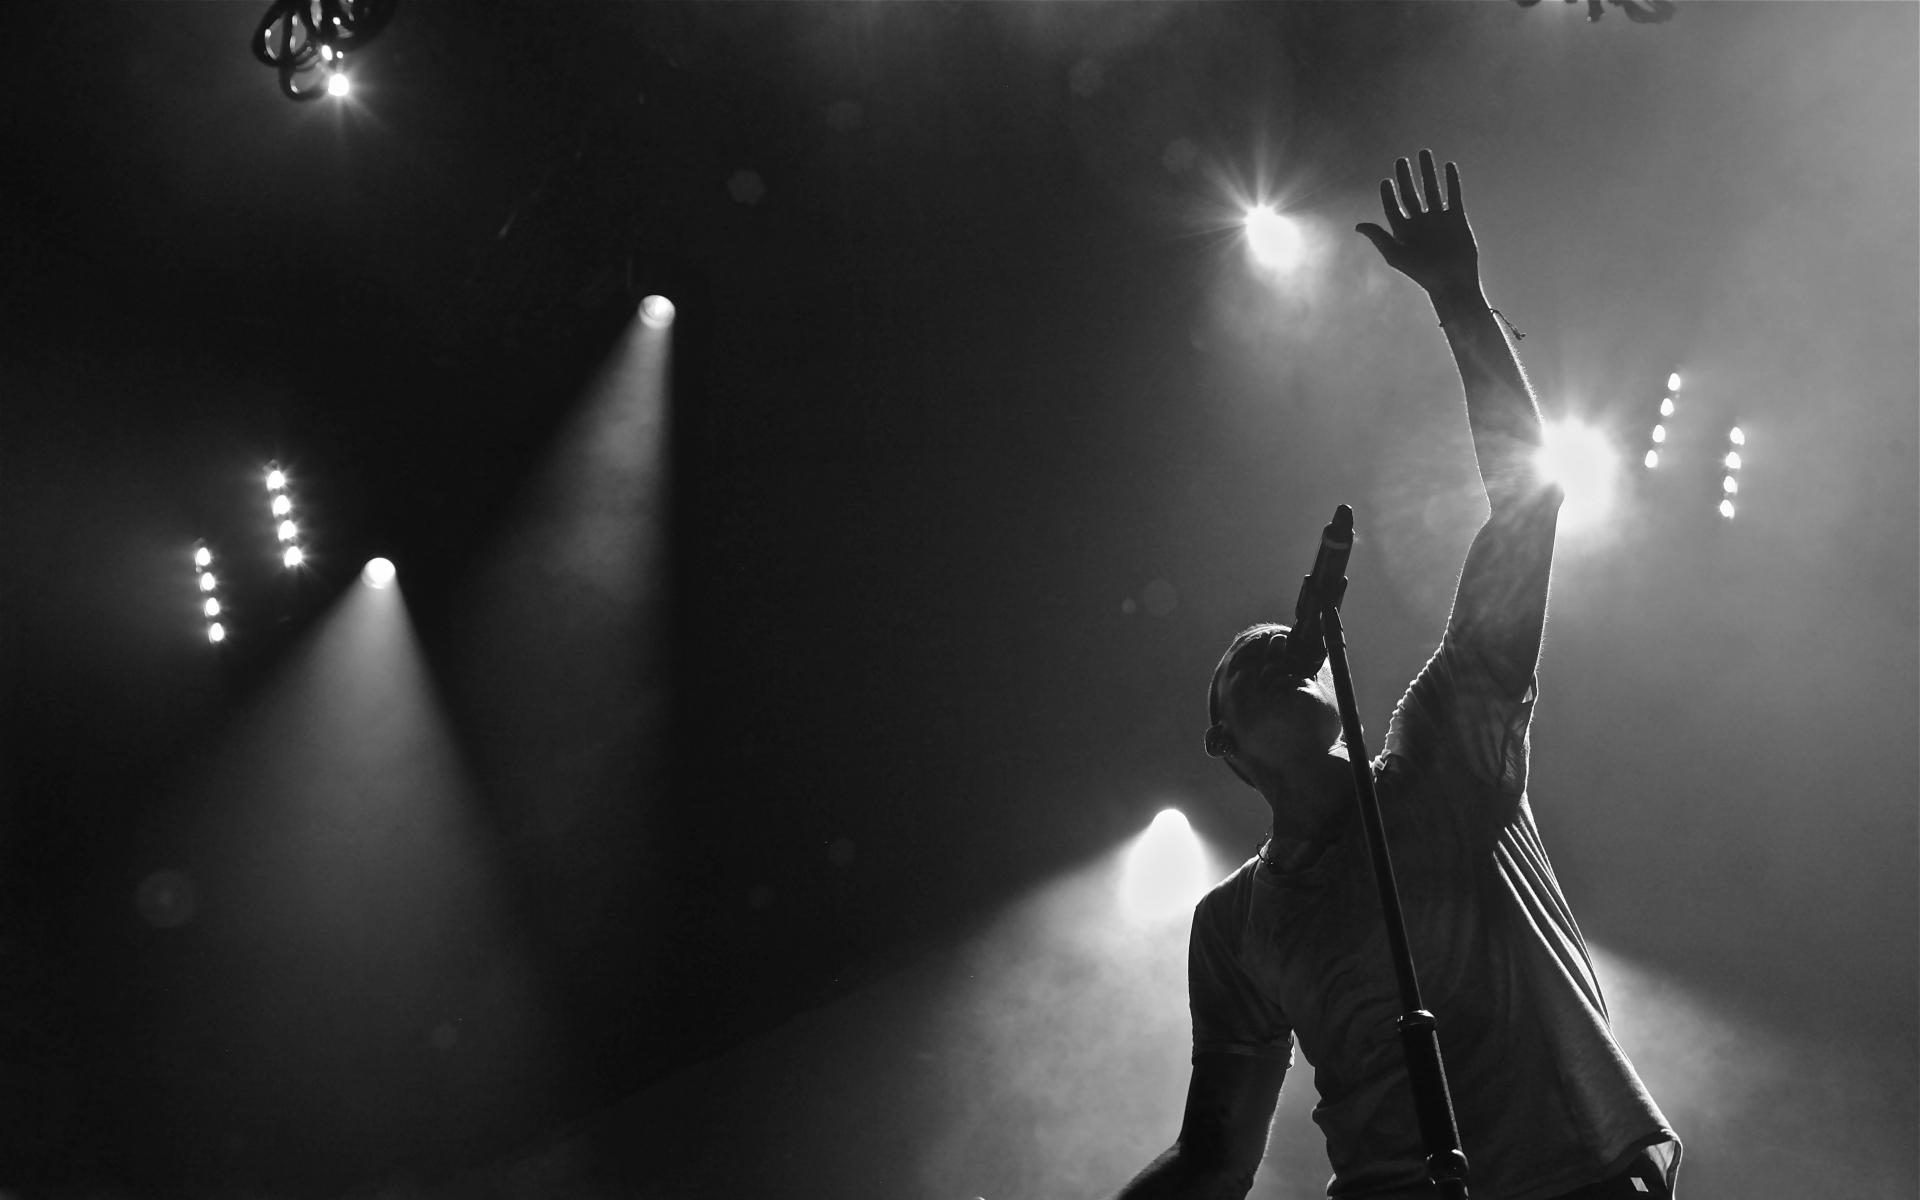 Linkin park monochrome lights concert wallpaper ...